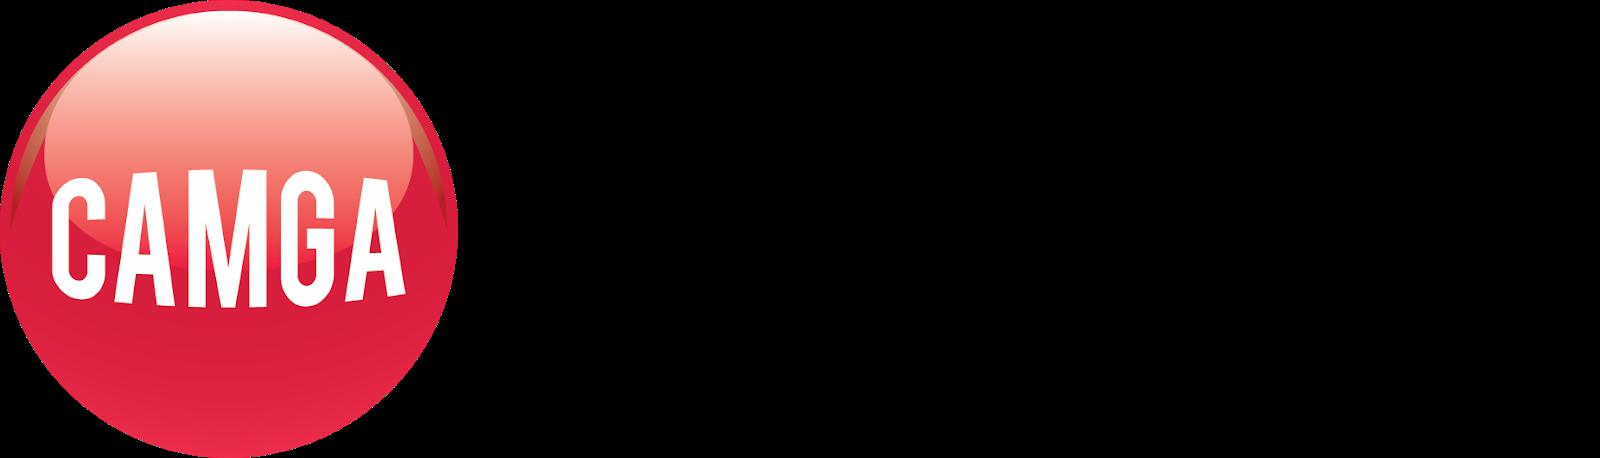 CAMGA